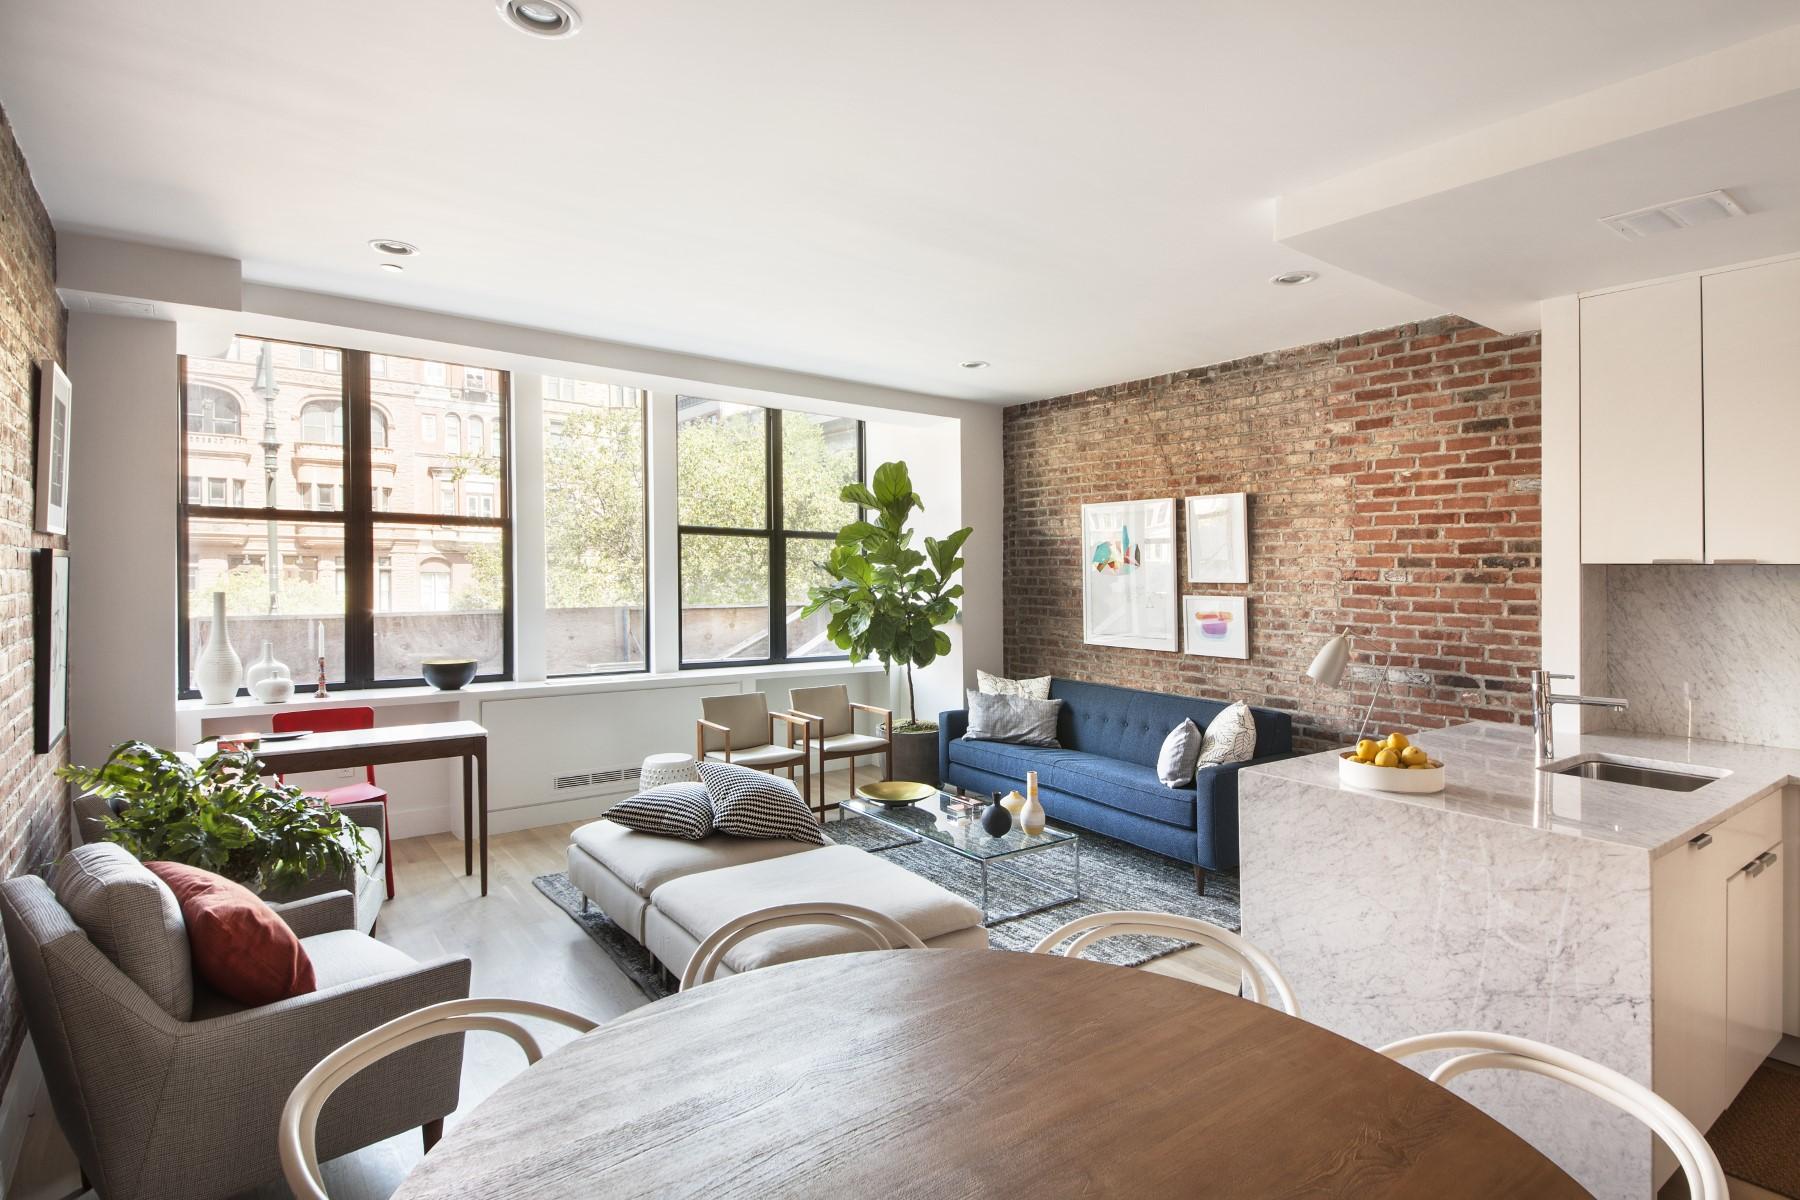 Condominio per Vendita alle ore 192 Lenox Avenue, Unit 2 192 Lenox Avenue Apt 2 New York, New York 10026 Stati Uniti